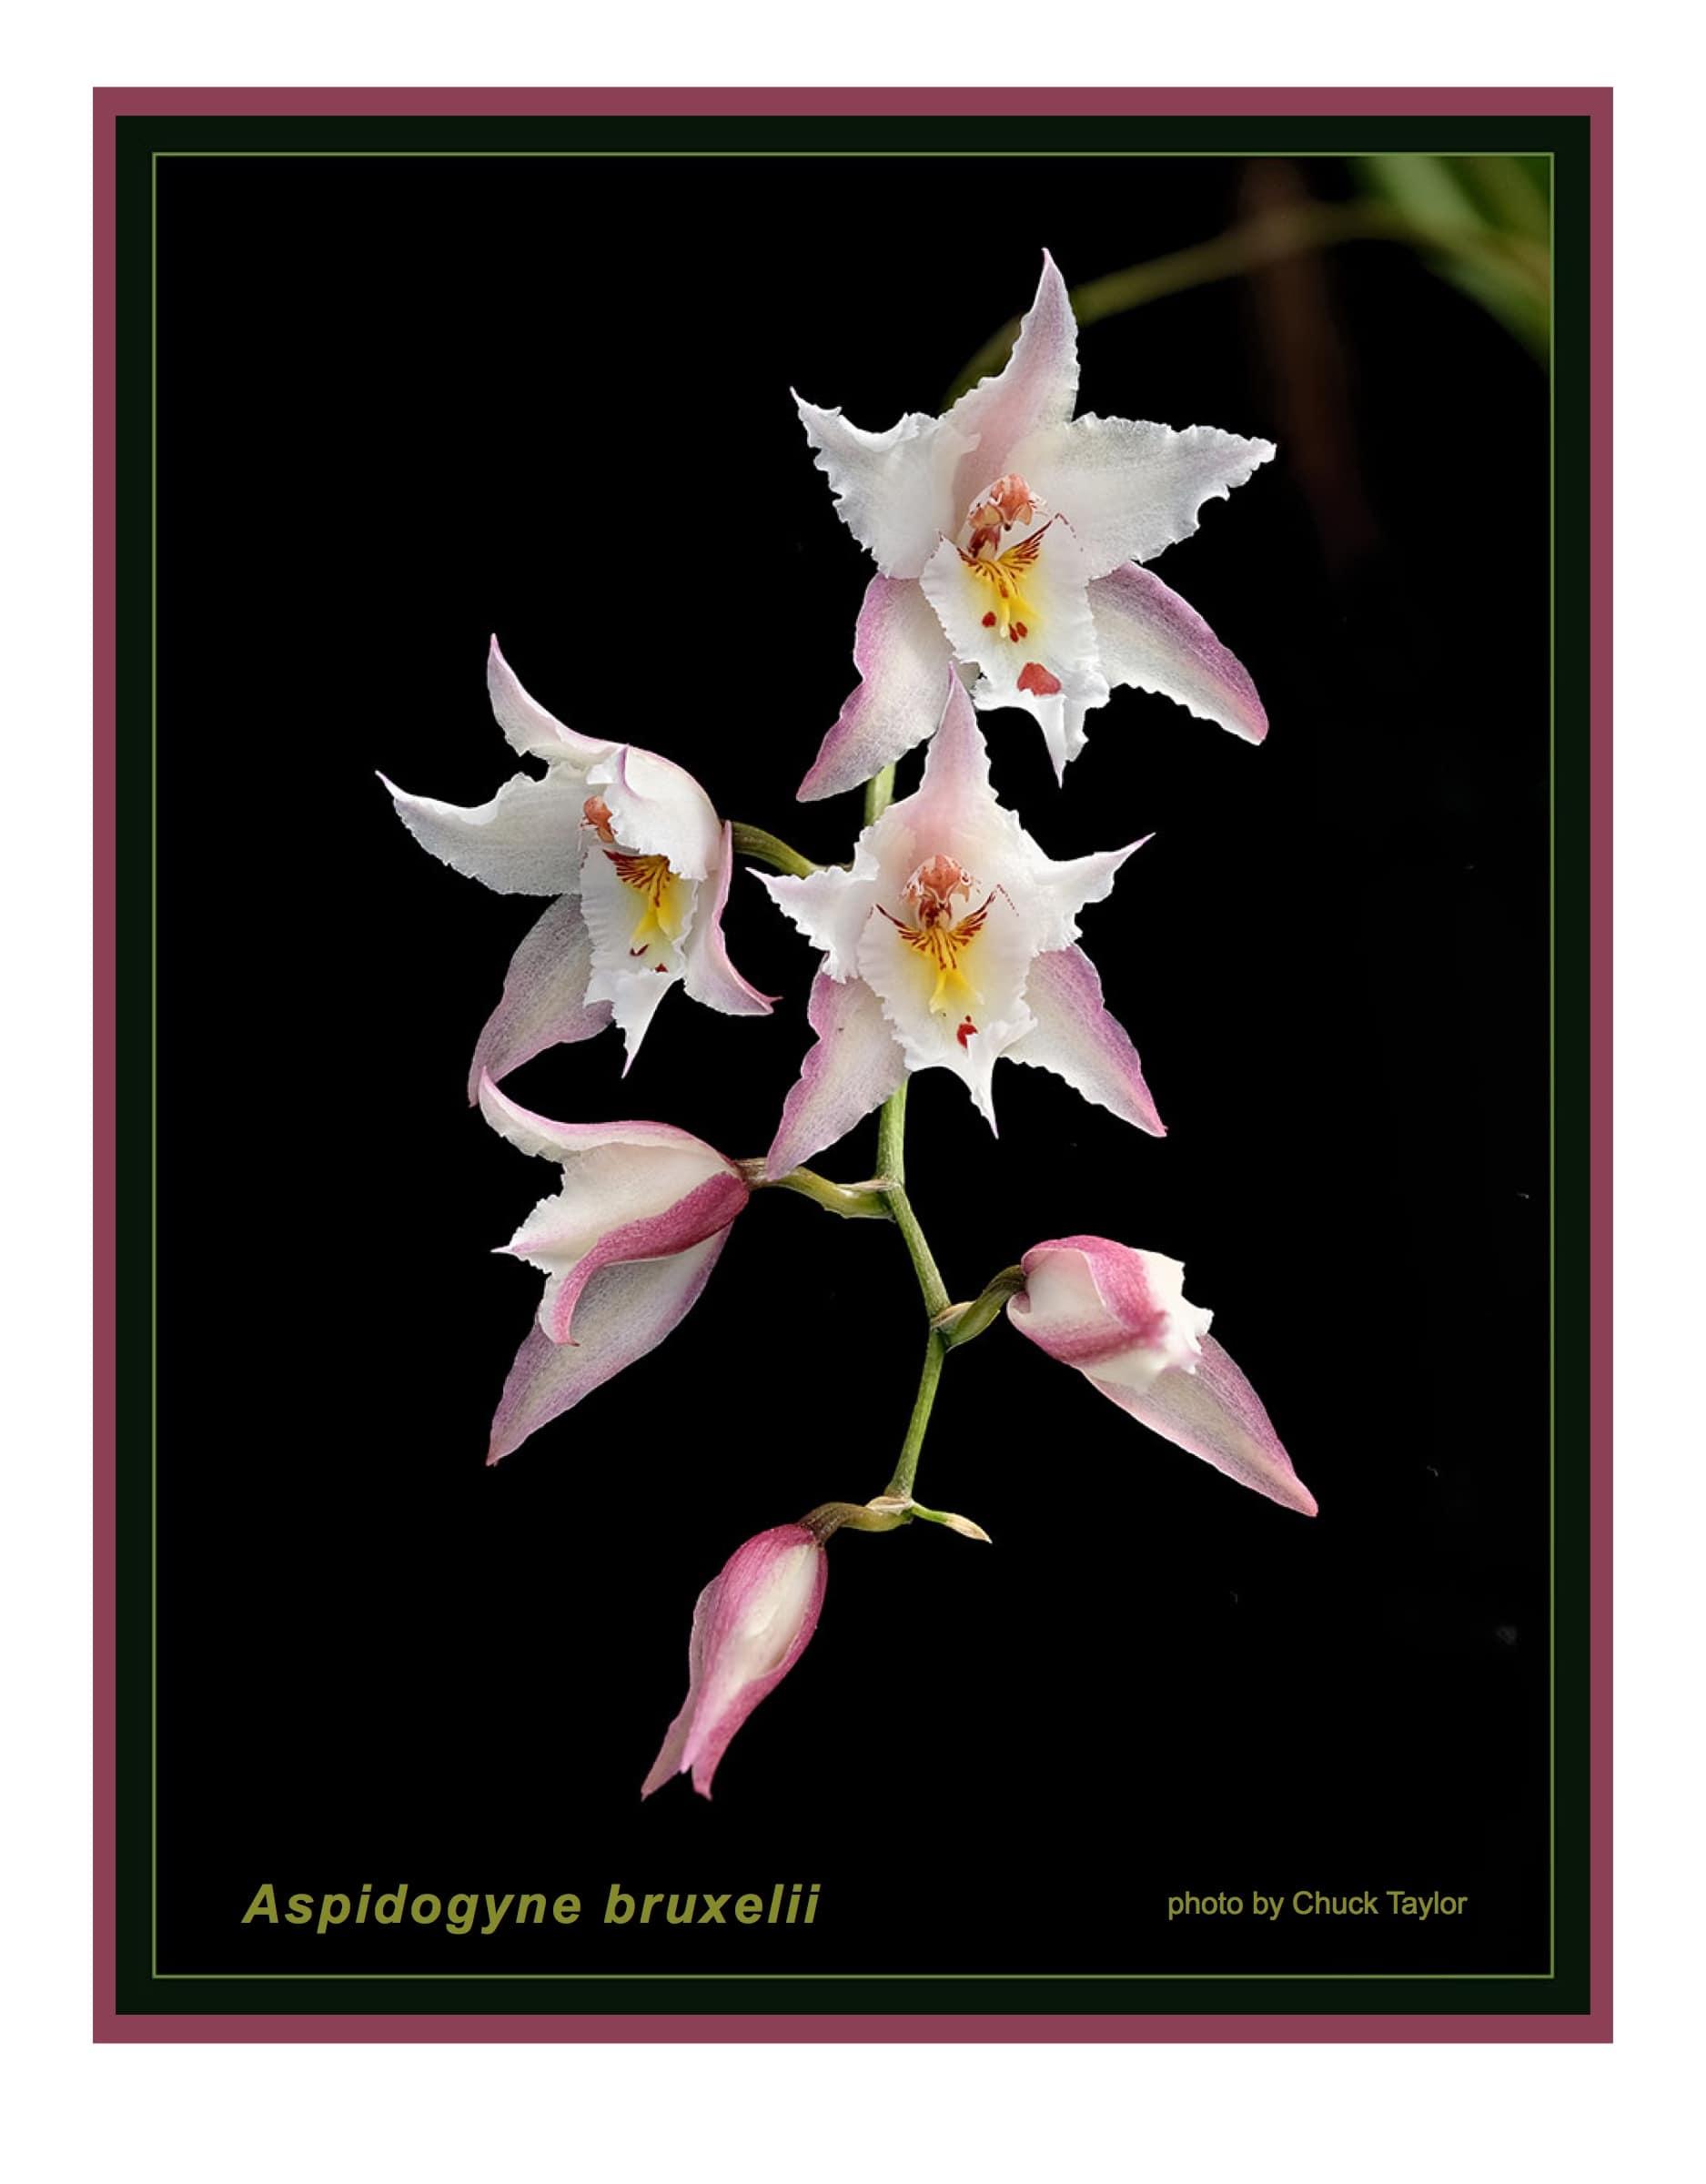 Aspidogyne bruxelii